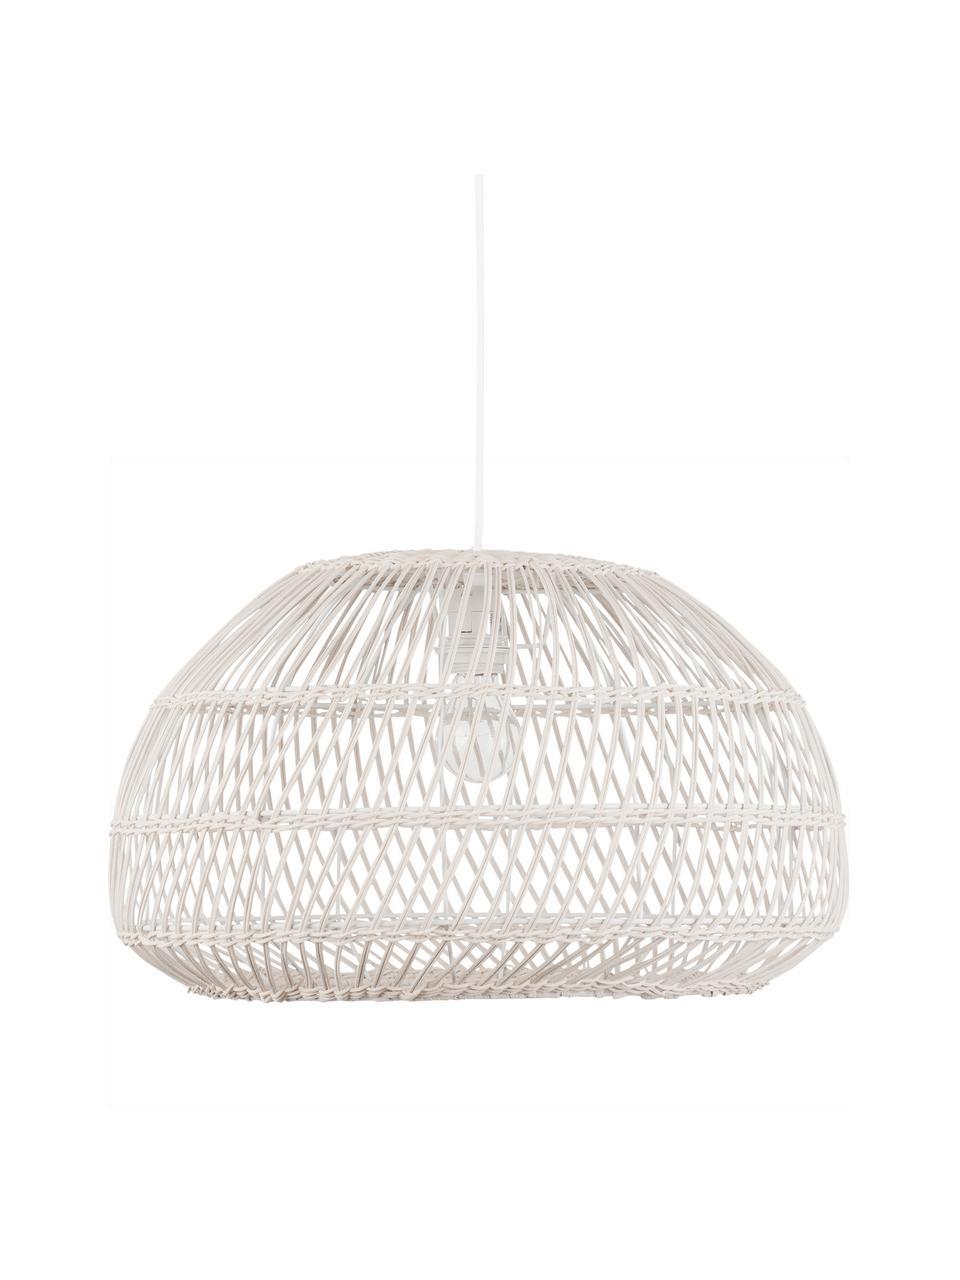 Lampa wisząca z rattanu Melody, Złamana biel, Ø 51 x W 30 cm